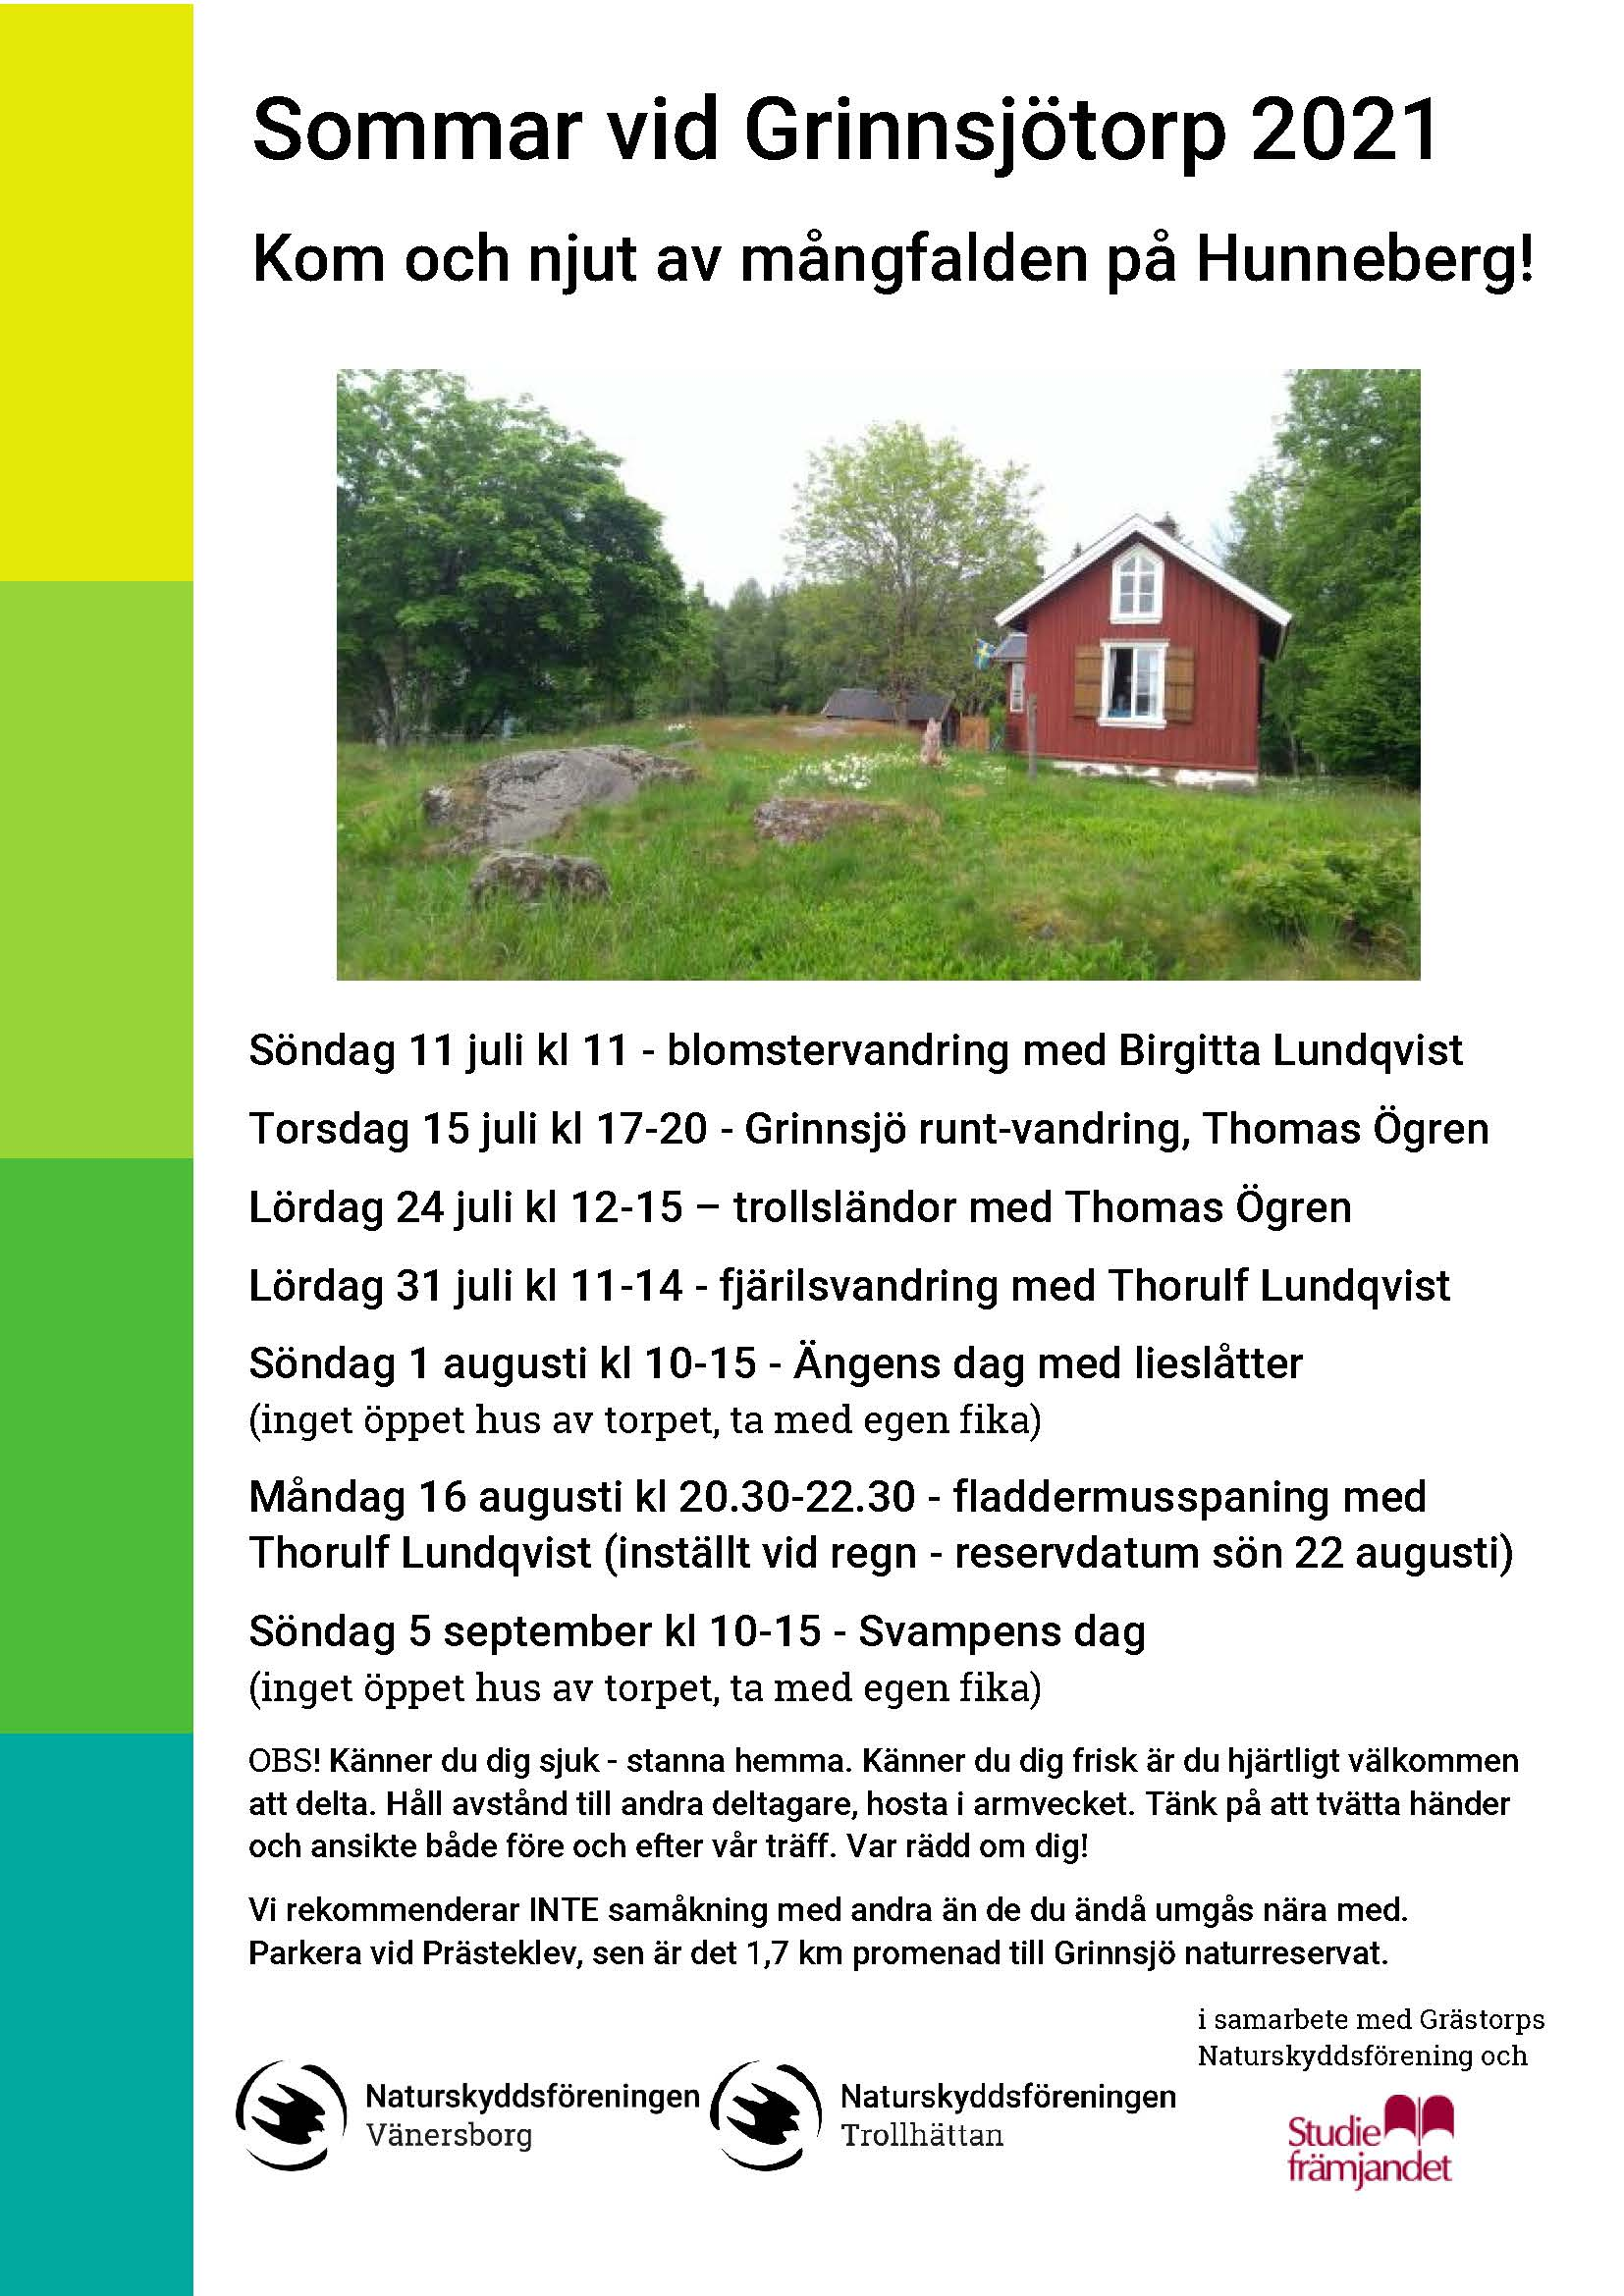 Affisch sommaraktiviteter vid Grinnsjö 2021 Vänersborg Hunneberg